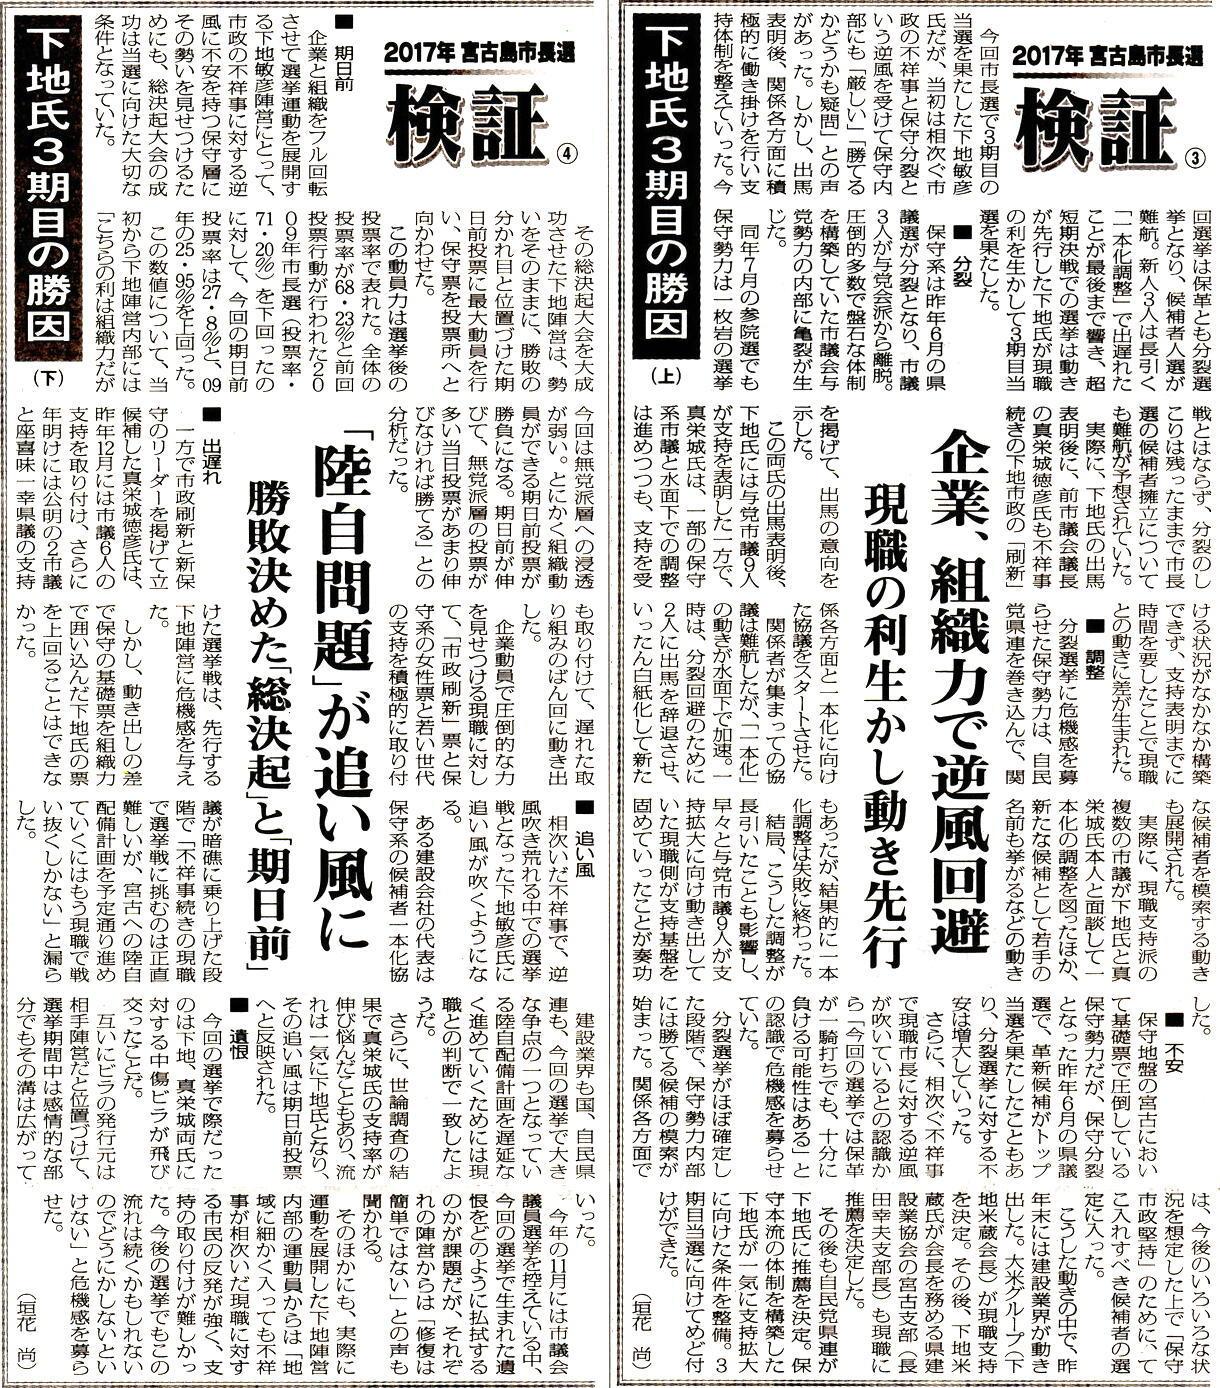 miyakomainichi2017 0127-28